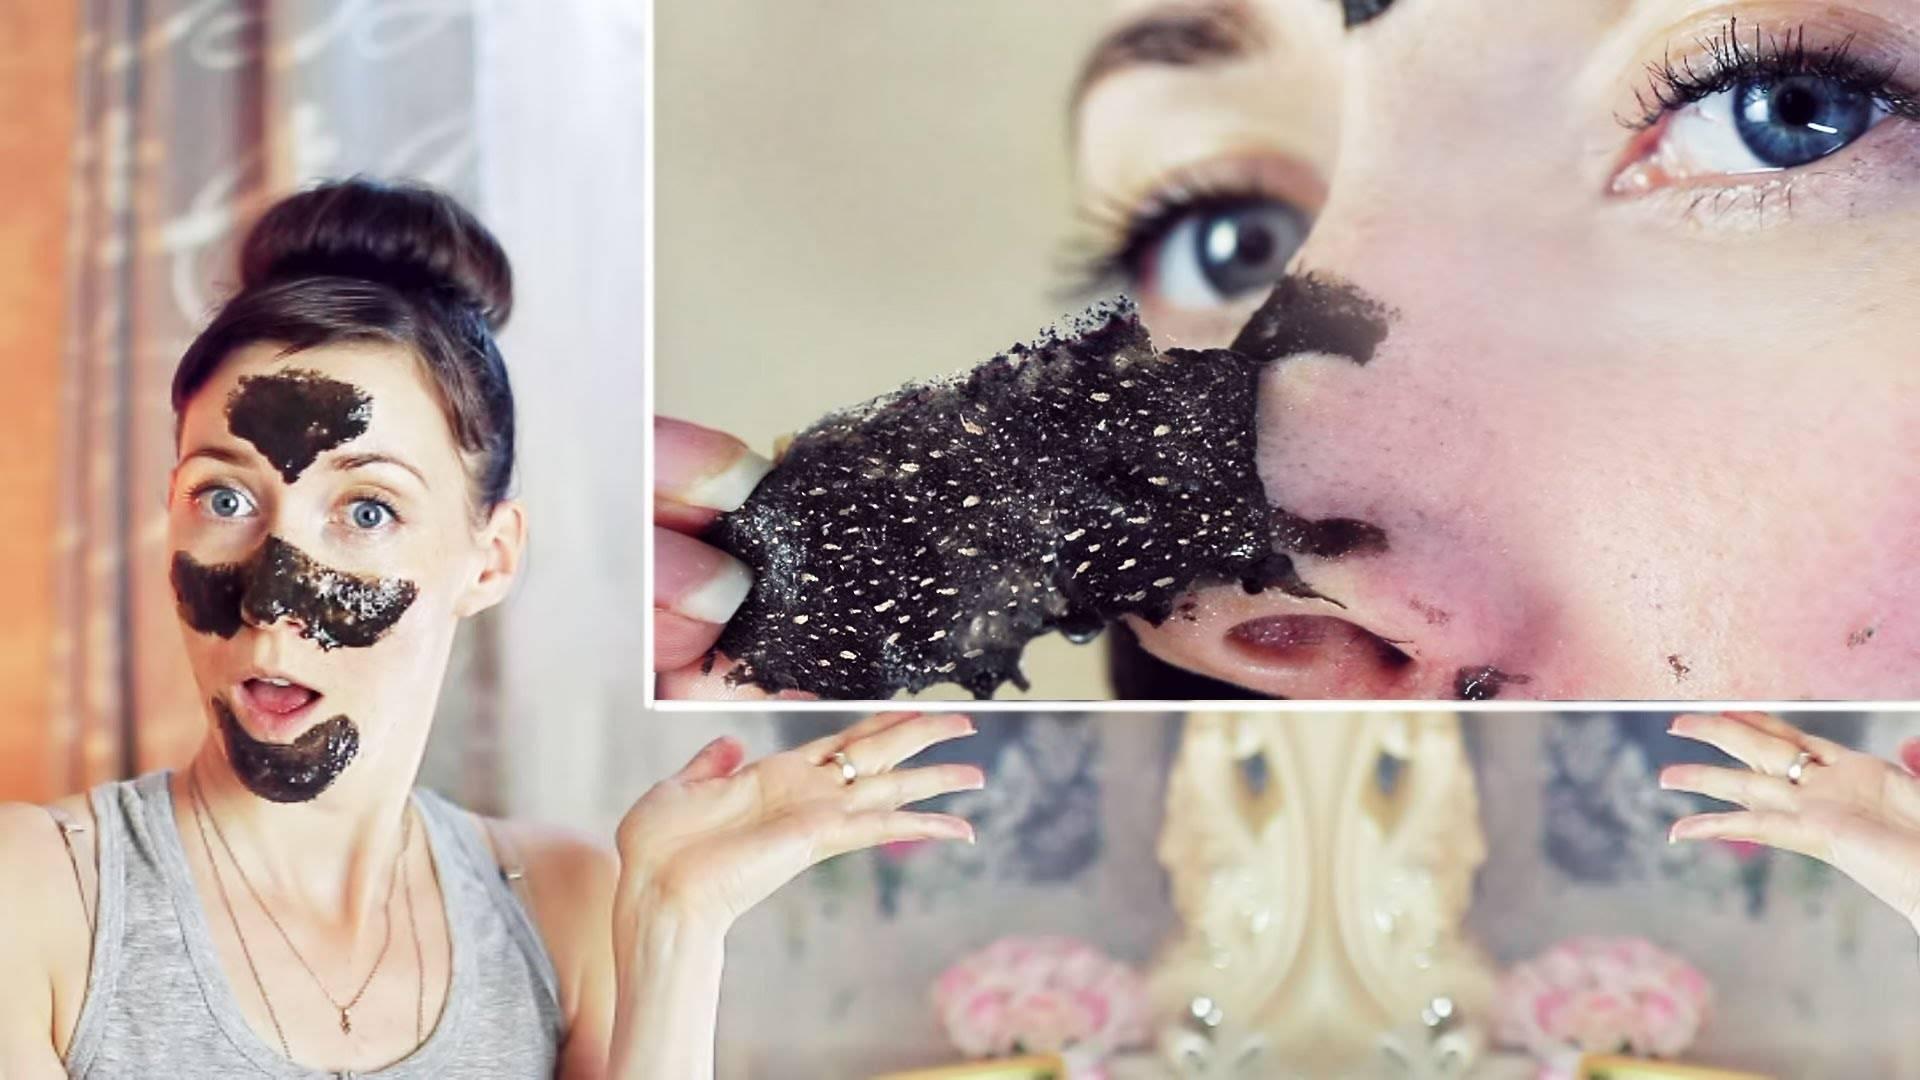 Маска пленка для лица в домашних условиях от черных точек. пленочные маски